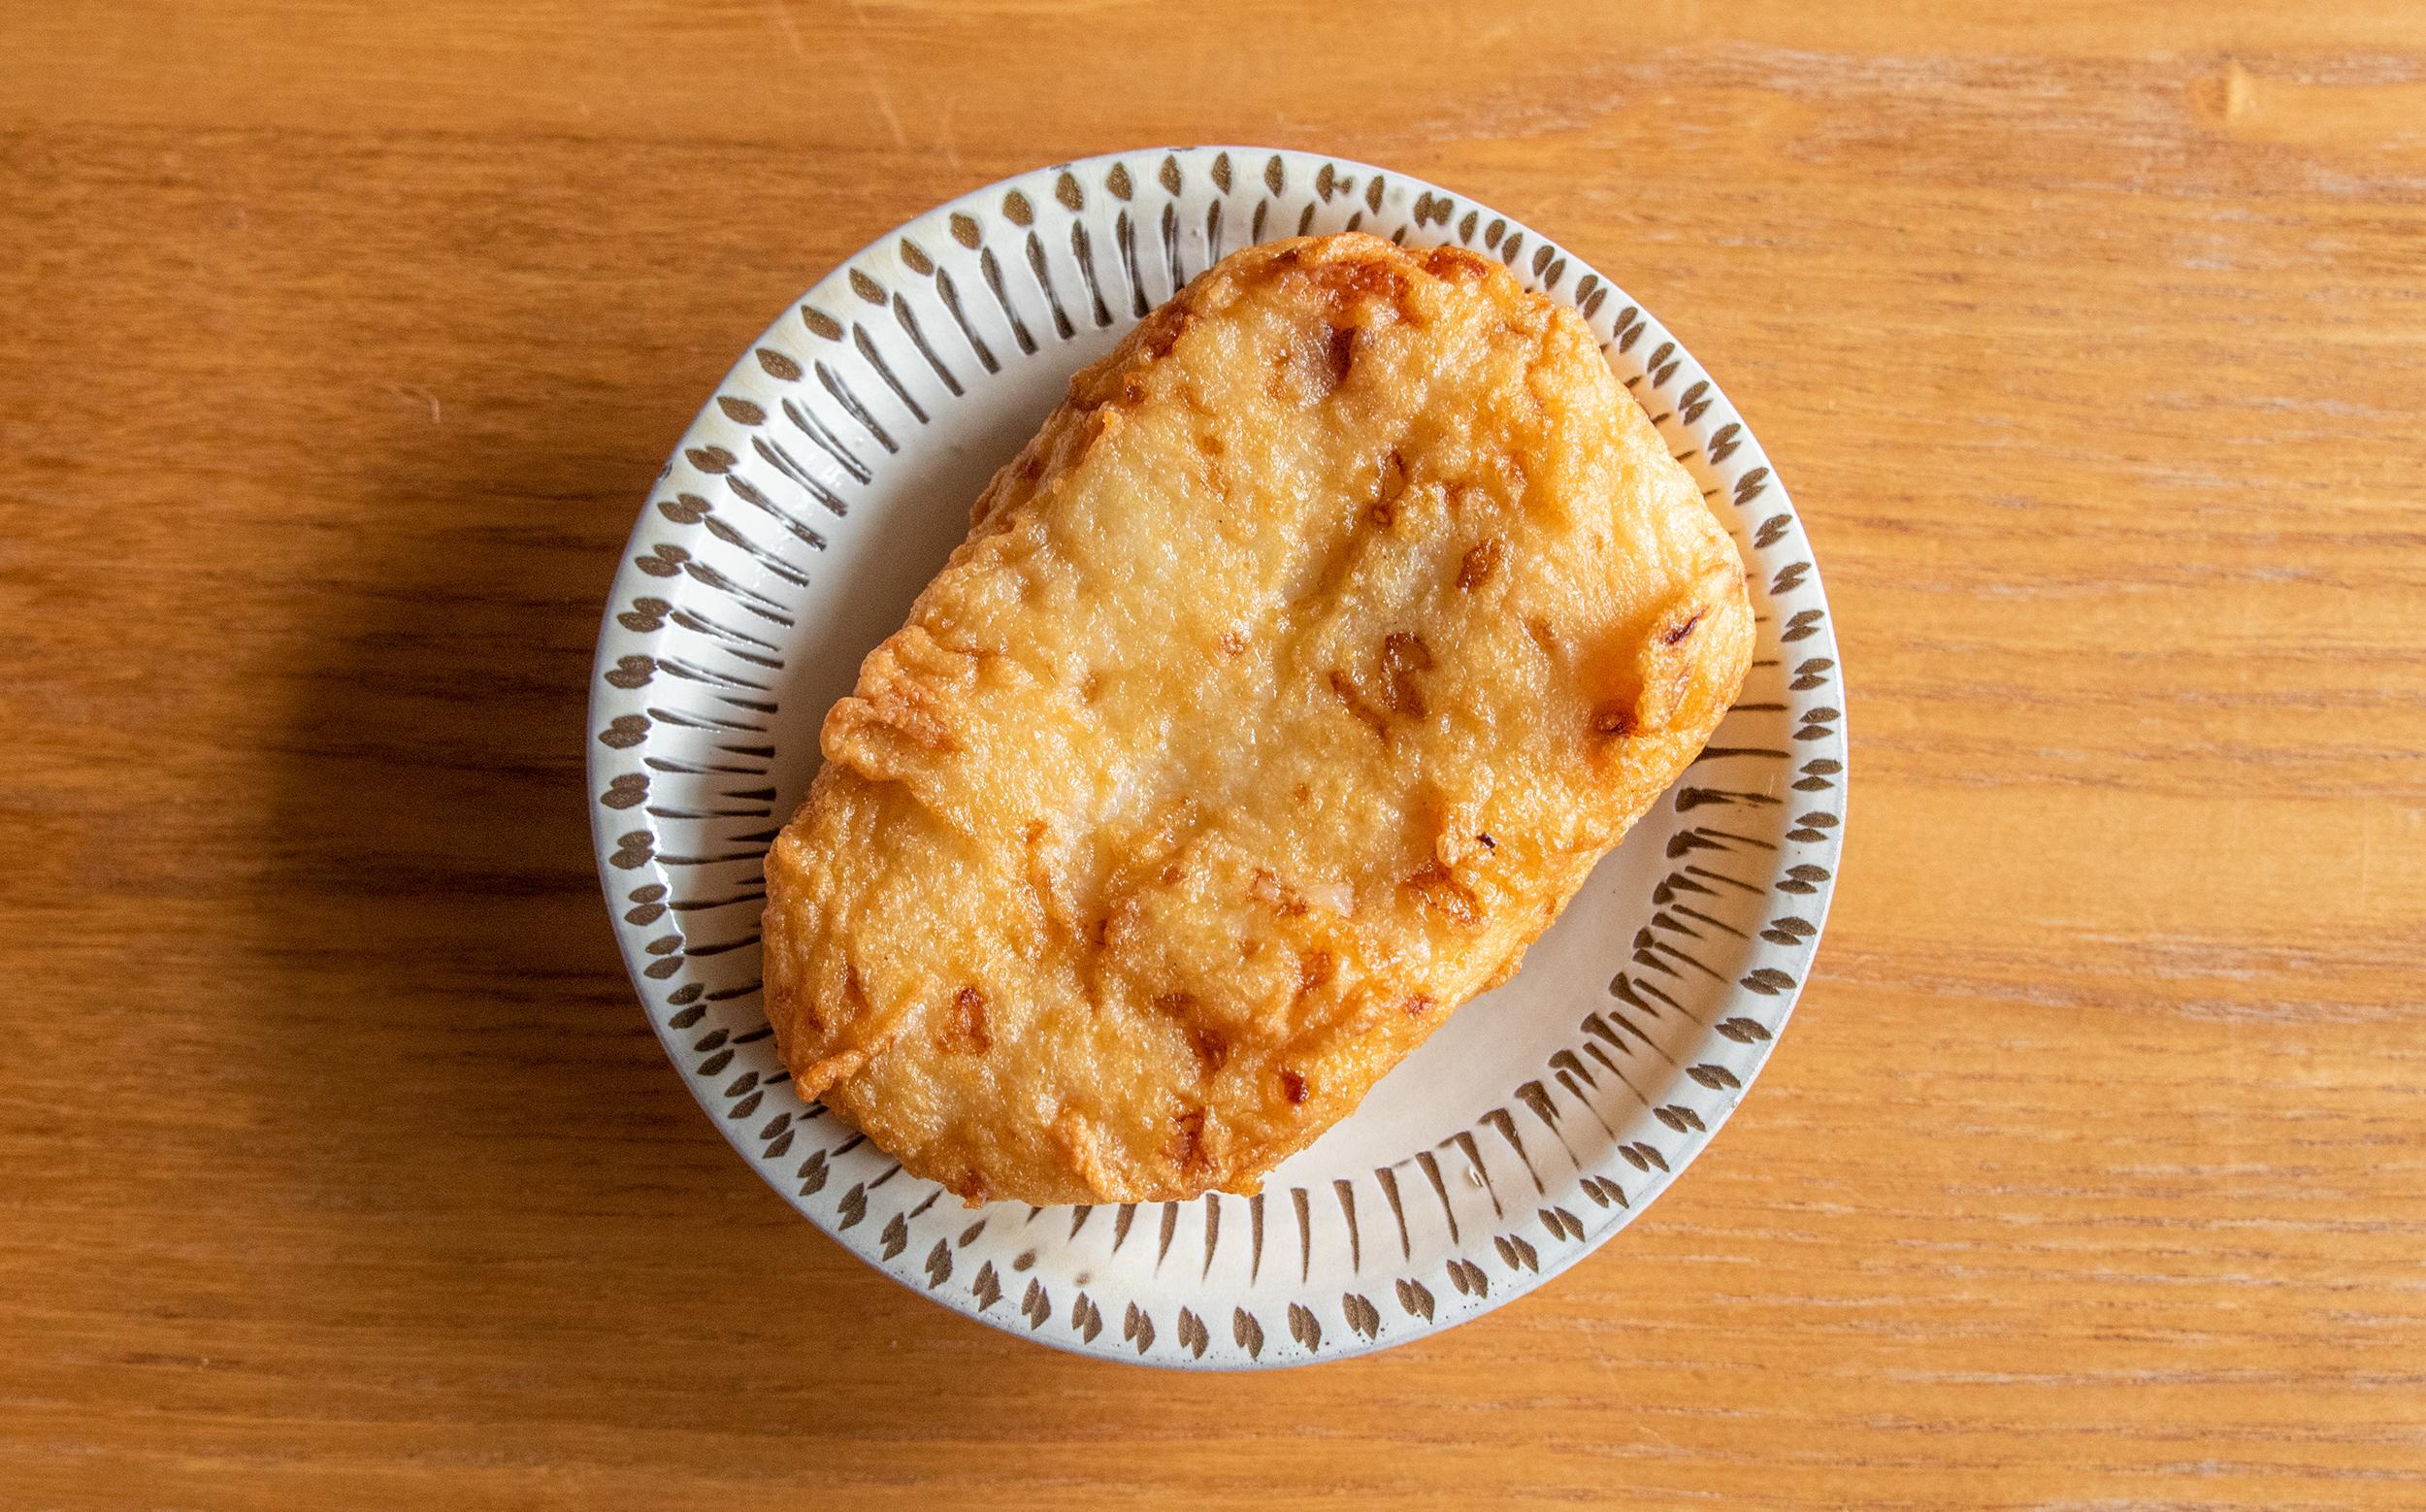 増田屋(葛飾区立石)のおでん種:肉イカ